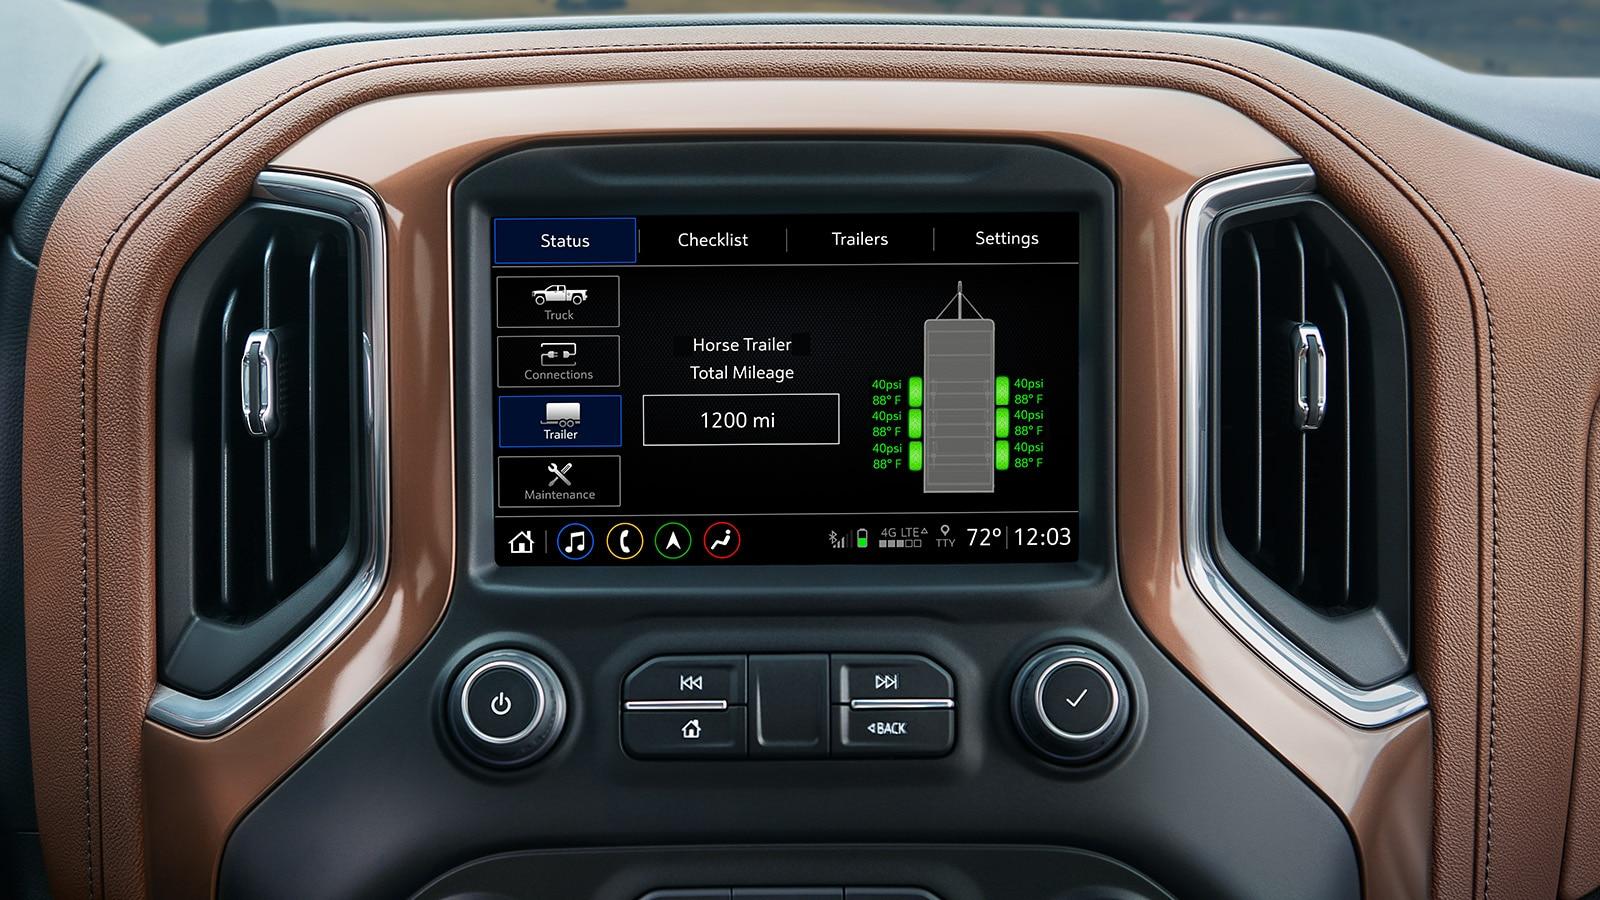 La pantalla de infoentretenimiento muestra las estadísticas del remolque como parte del sistema de remolque en el vehículo.